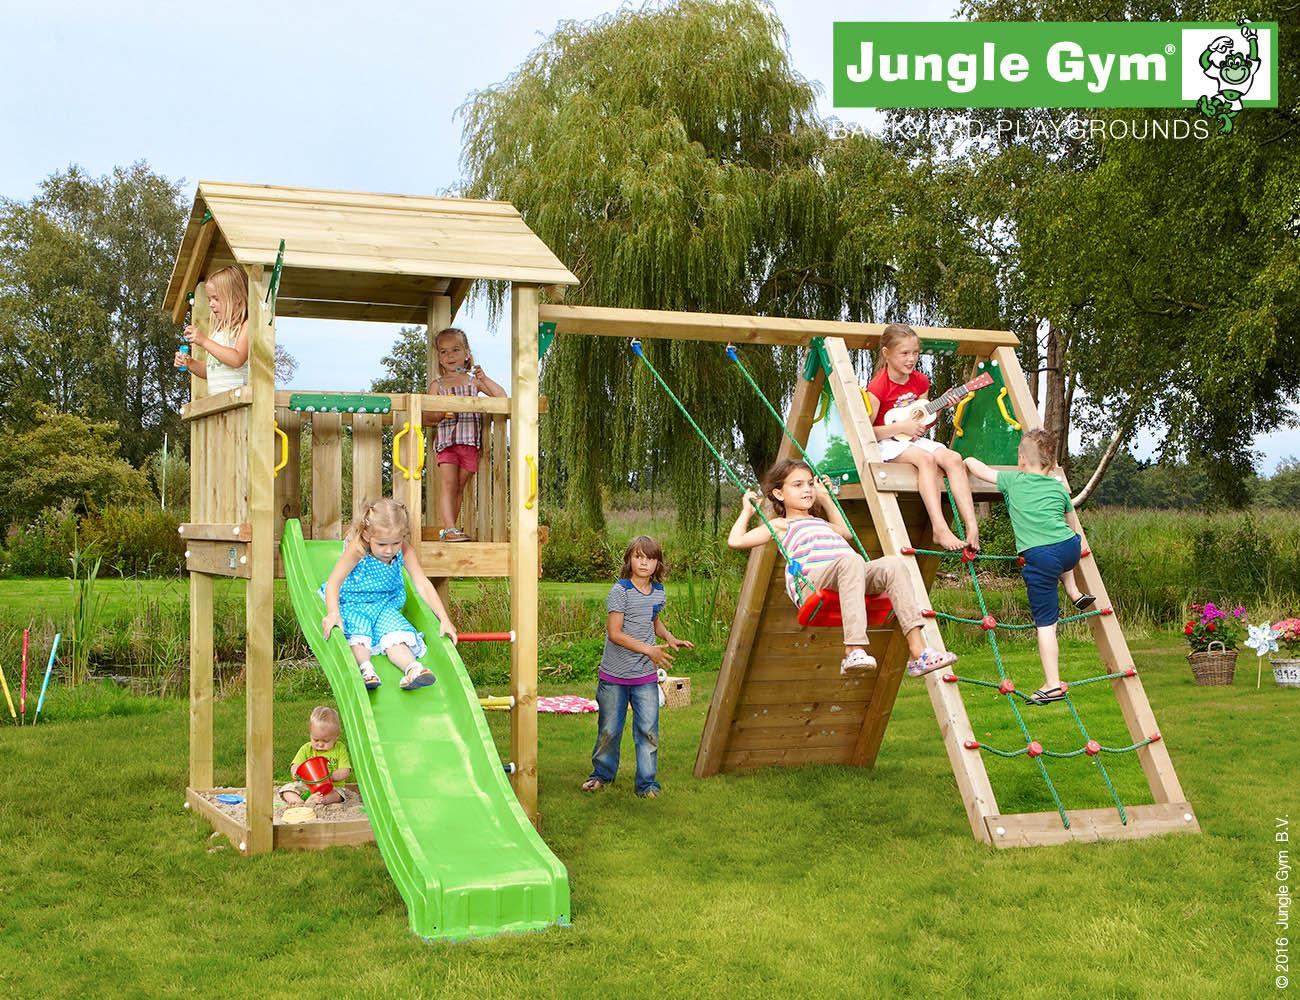 Jungle Gym Casa-leikkitorni ja kiipeilyteline